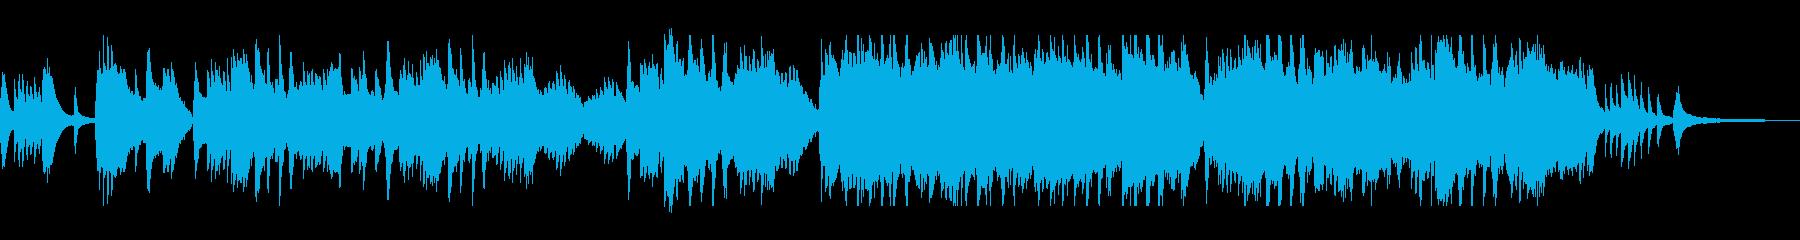 華麗でクラシカルなピアノバラードの再生済みの波形